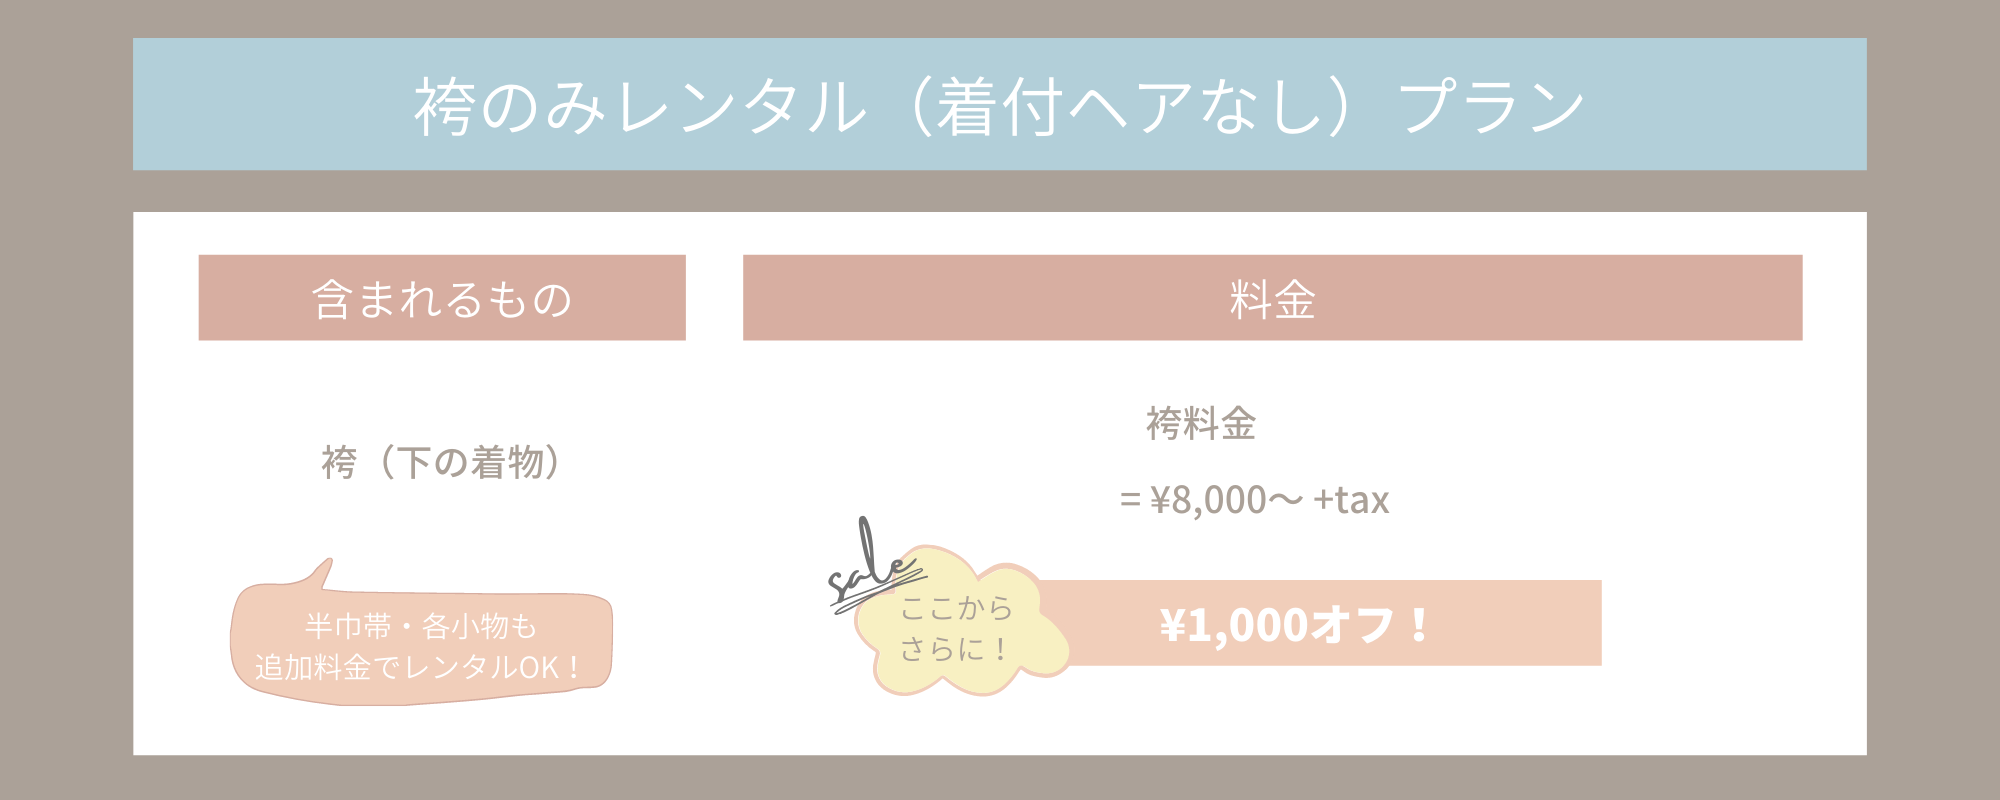 袴のみレンタル(着付ヘアなし)プラン 総額から1000円オフ